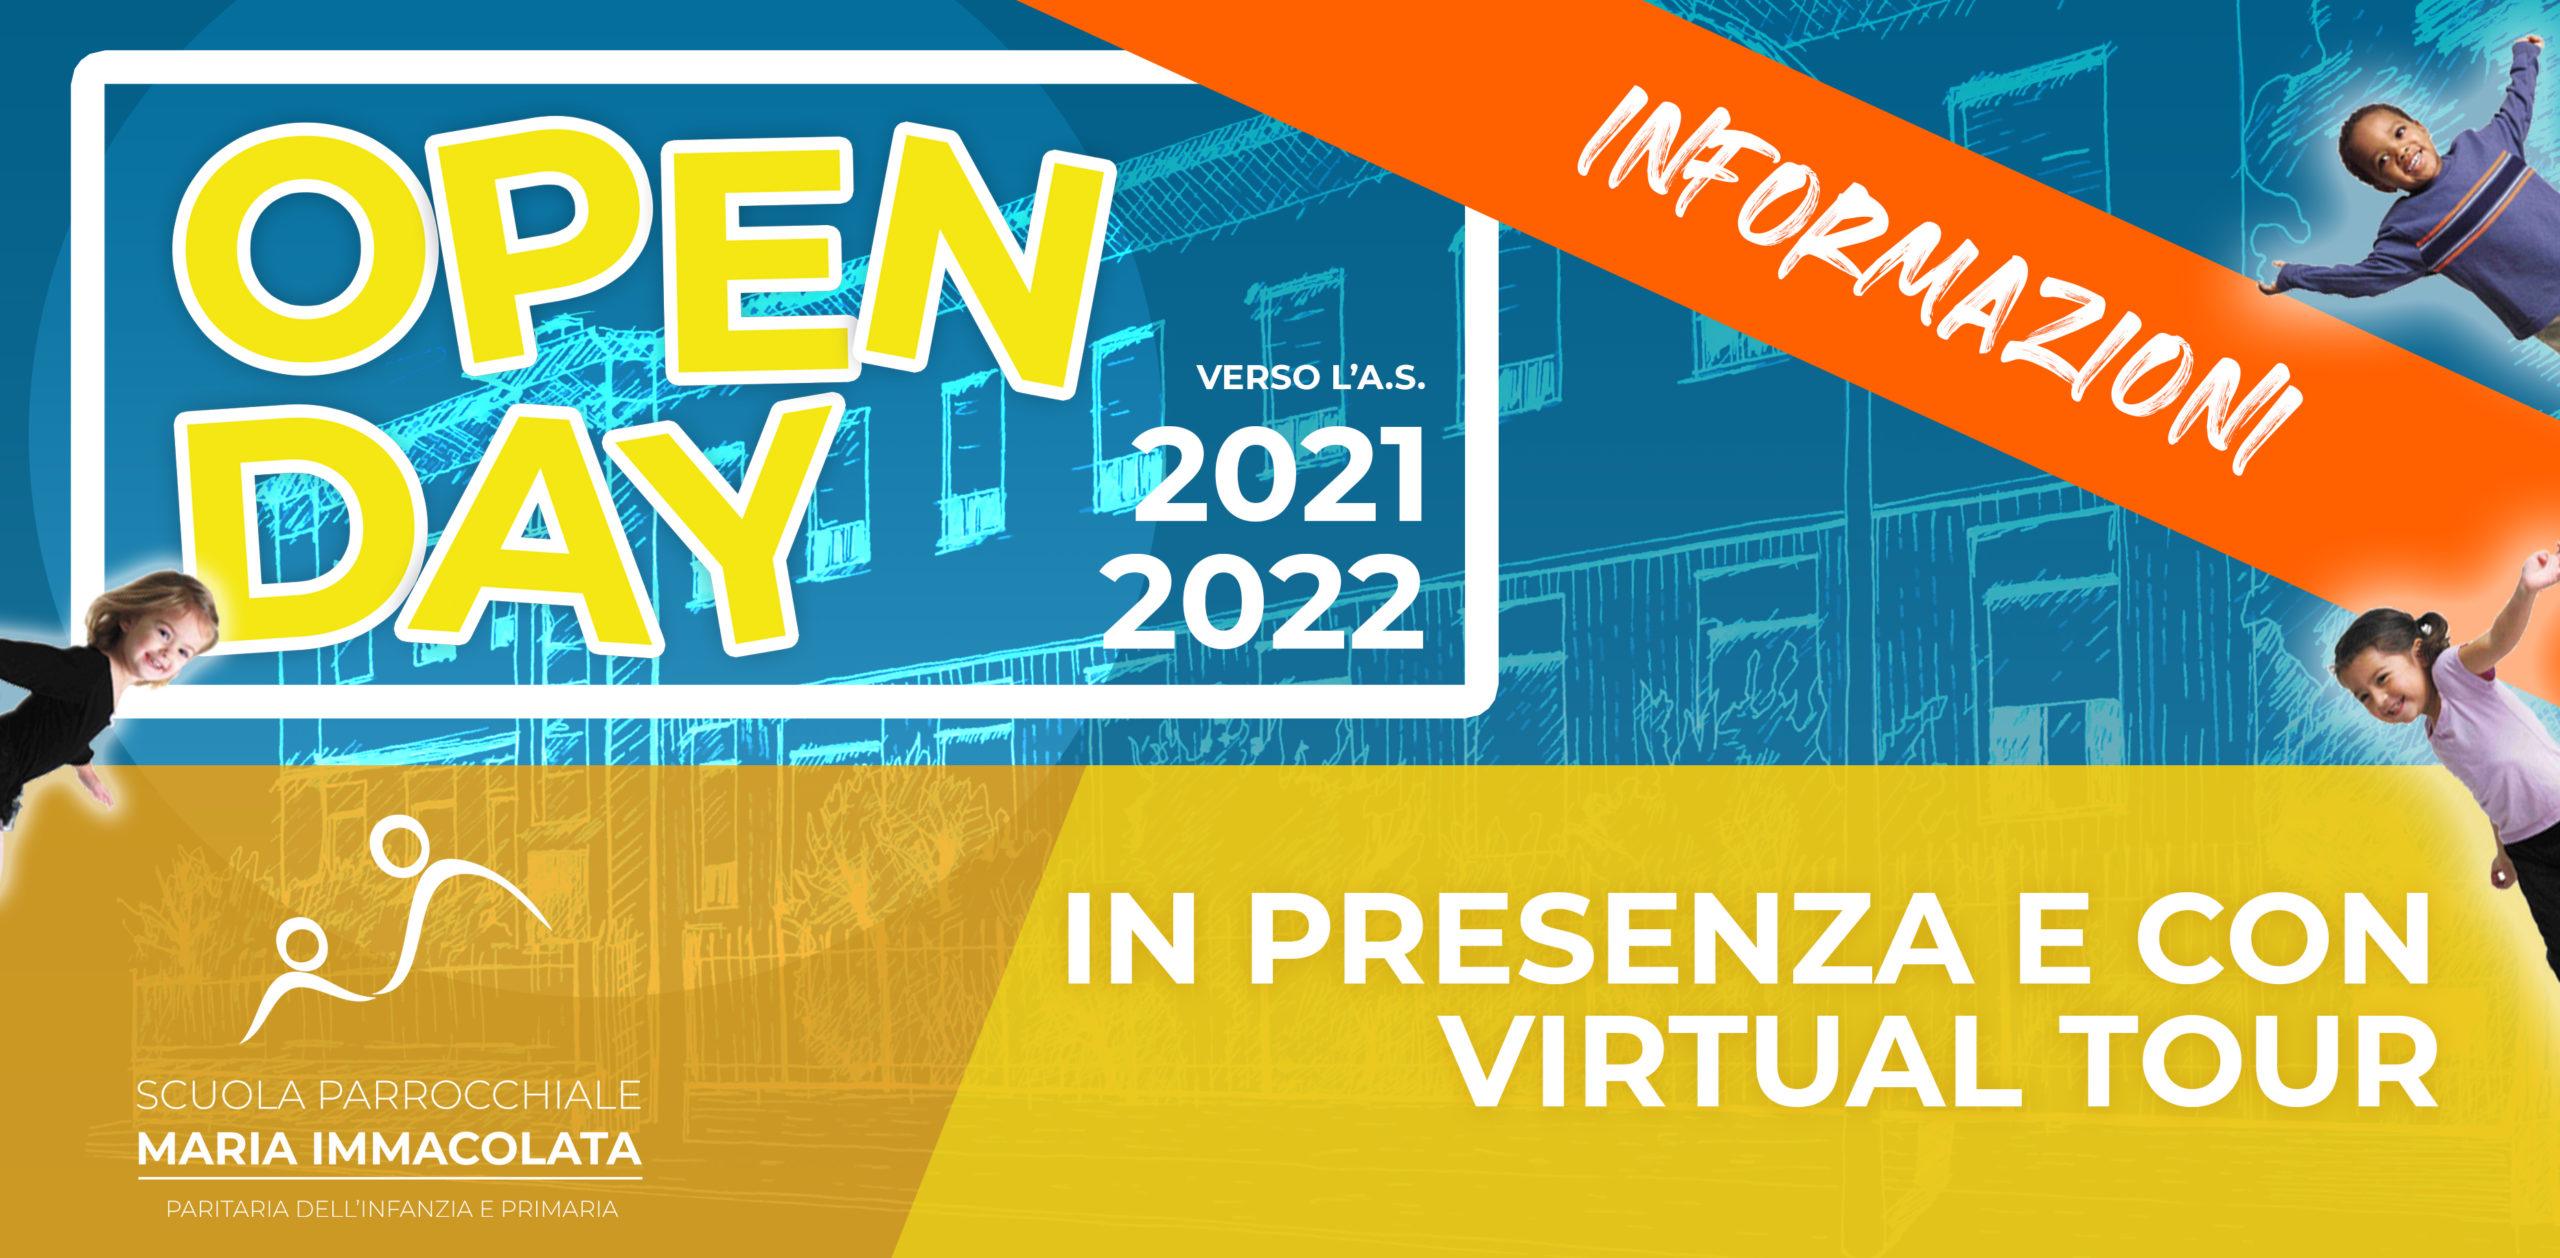 Open Day: verso l'anno scolastico 2021-2022